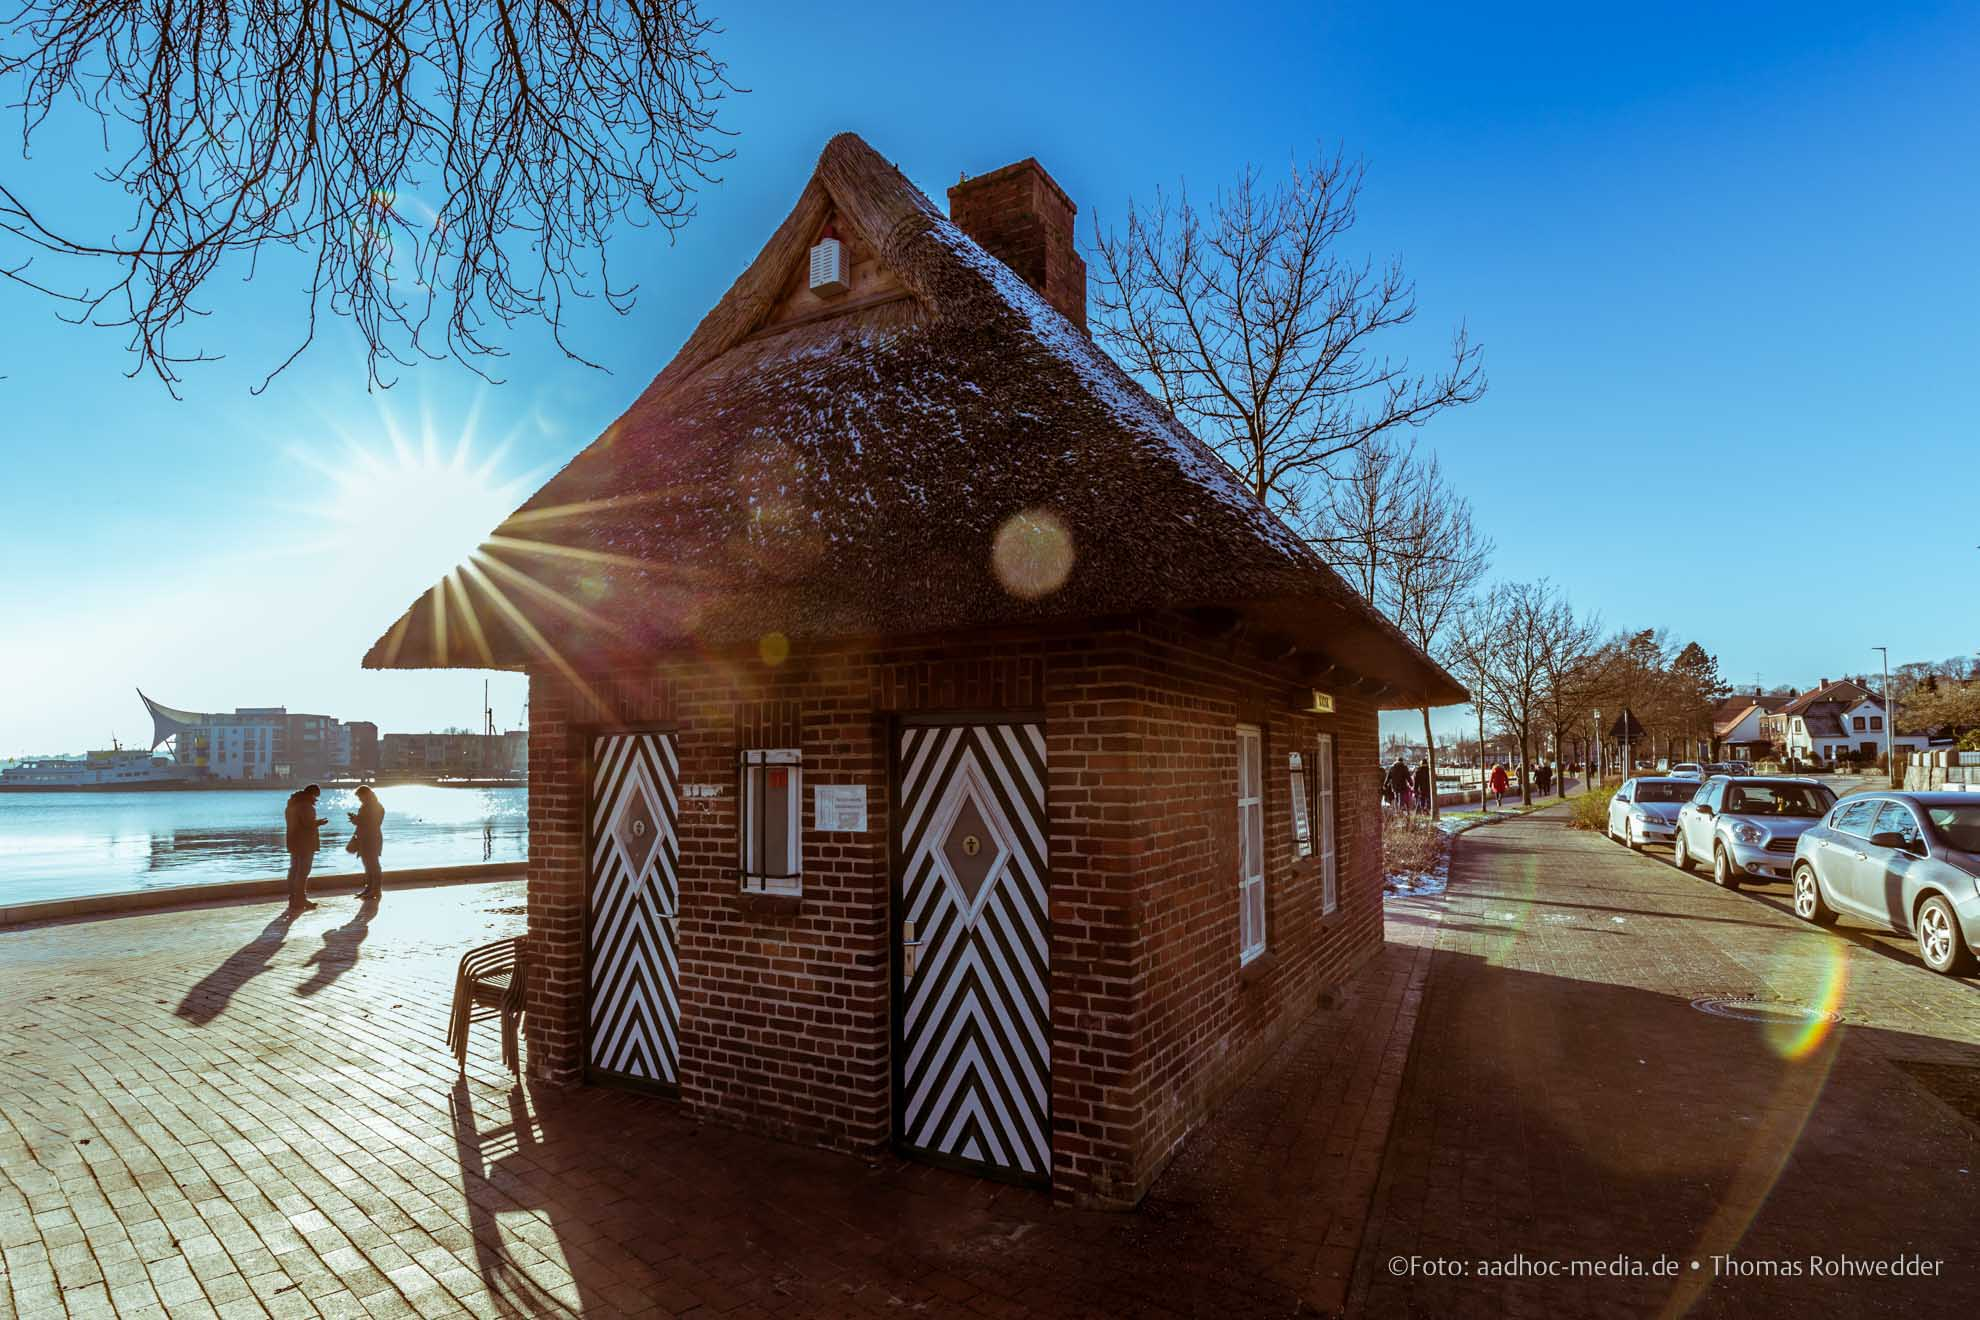 Eckernförde mit strahlender Sonne im Winter mit blauem Himmel. Foto ©: aadhoc-media.de • Thomas Rohwedder